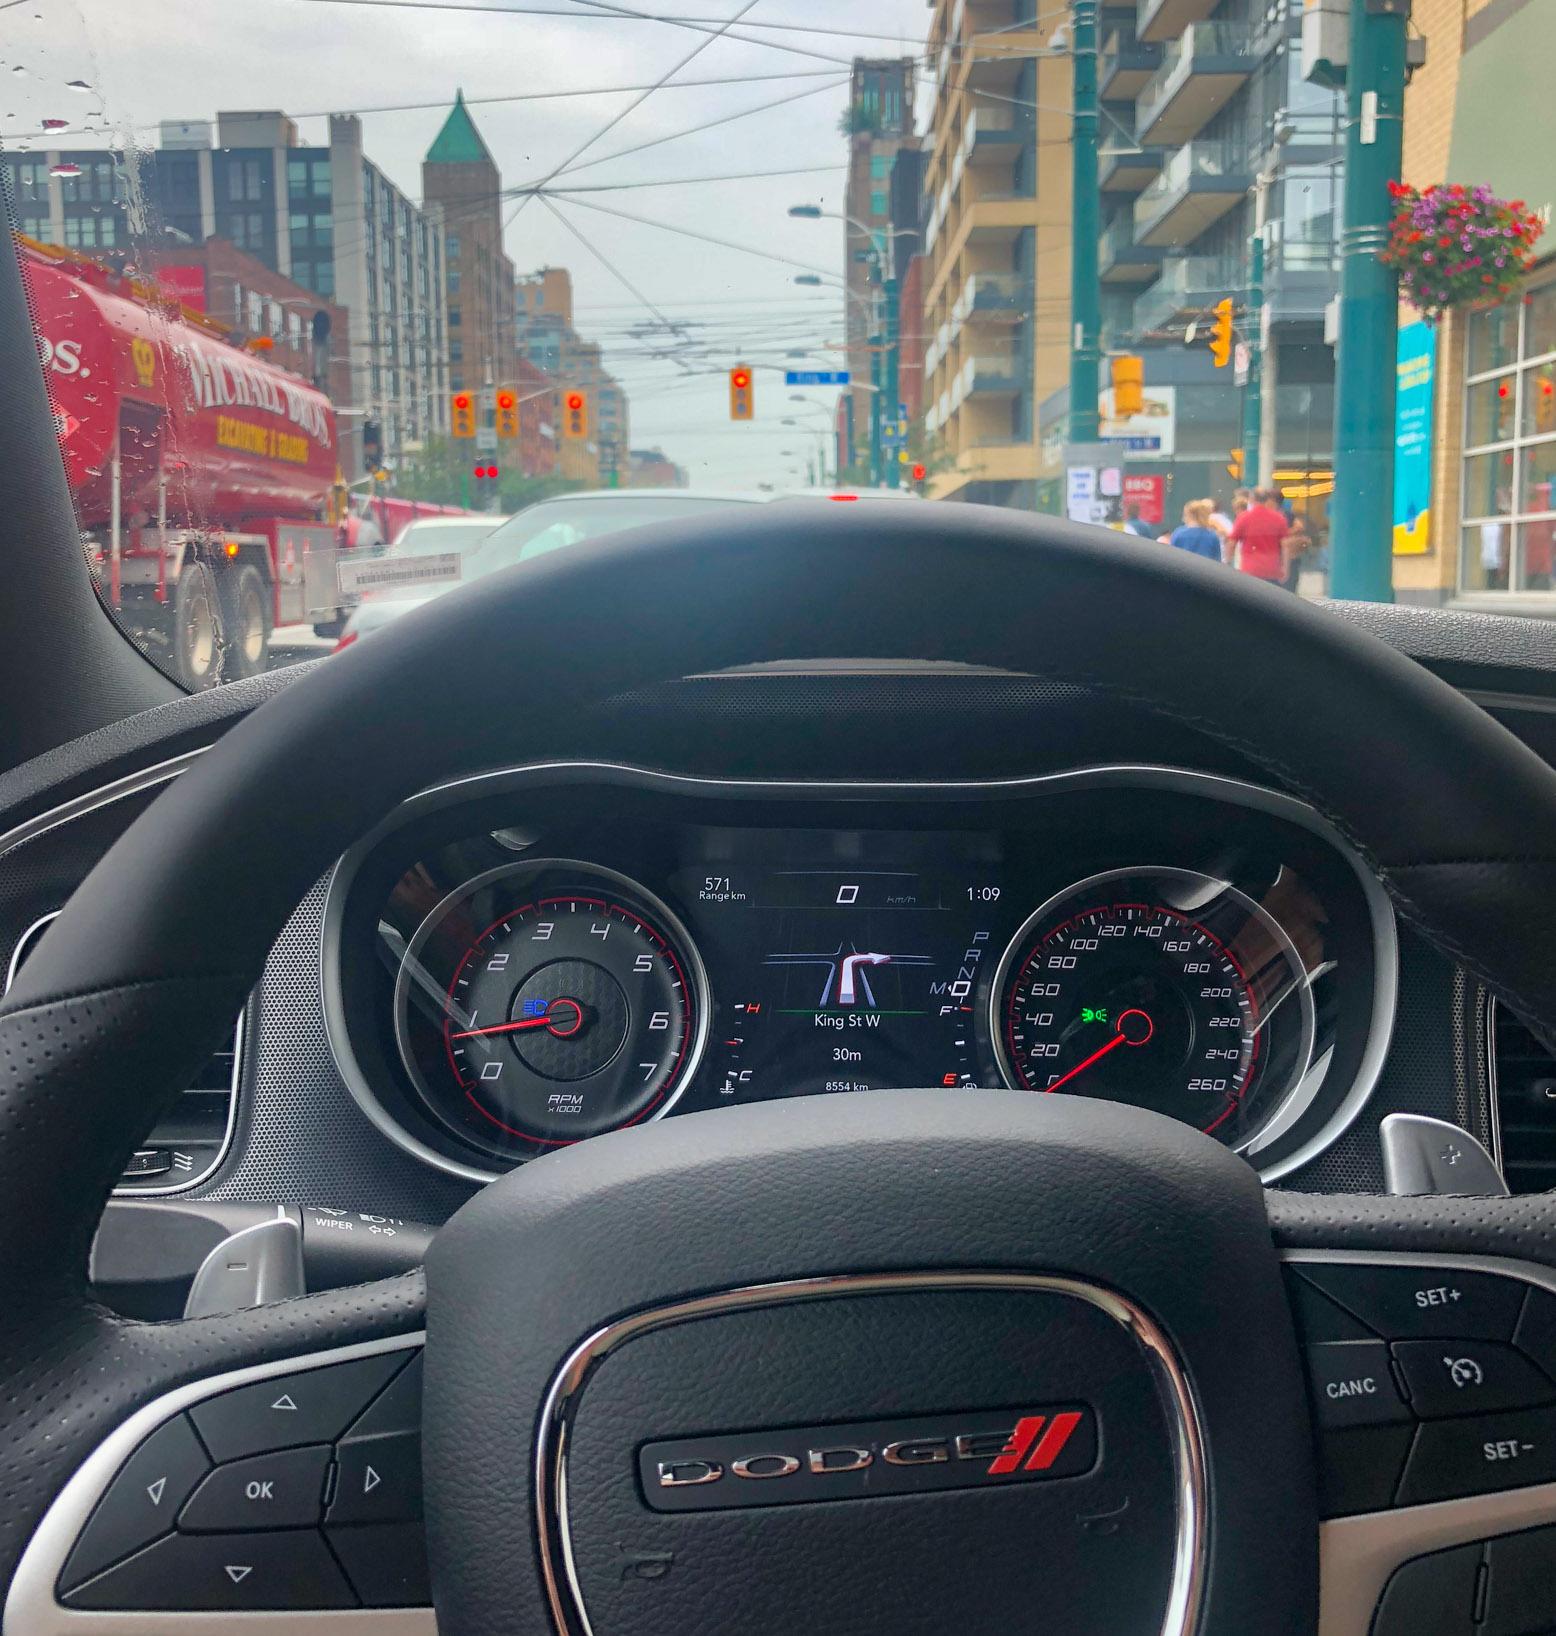 Met een huurauto kun je Toronto prima verkennen.